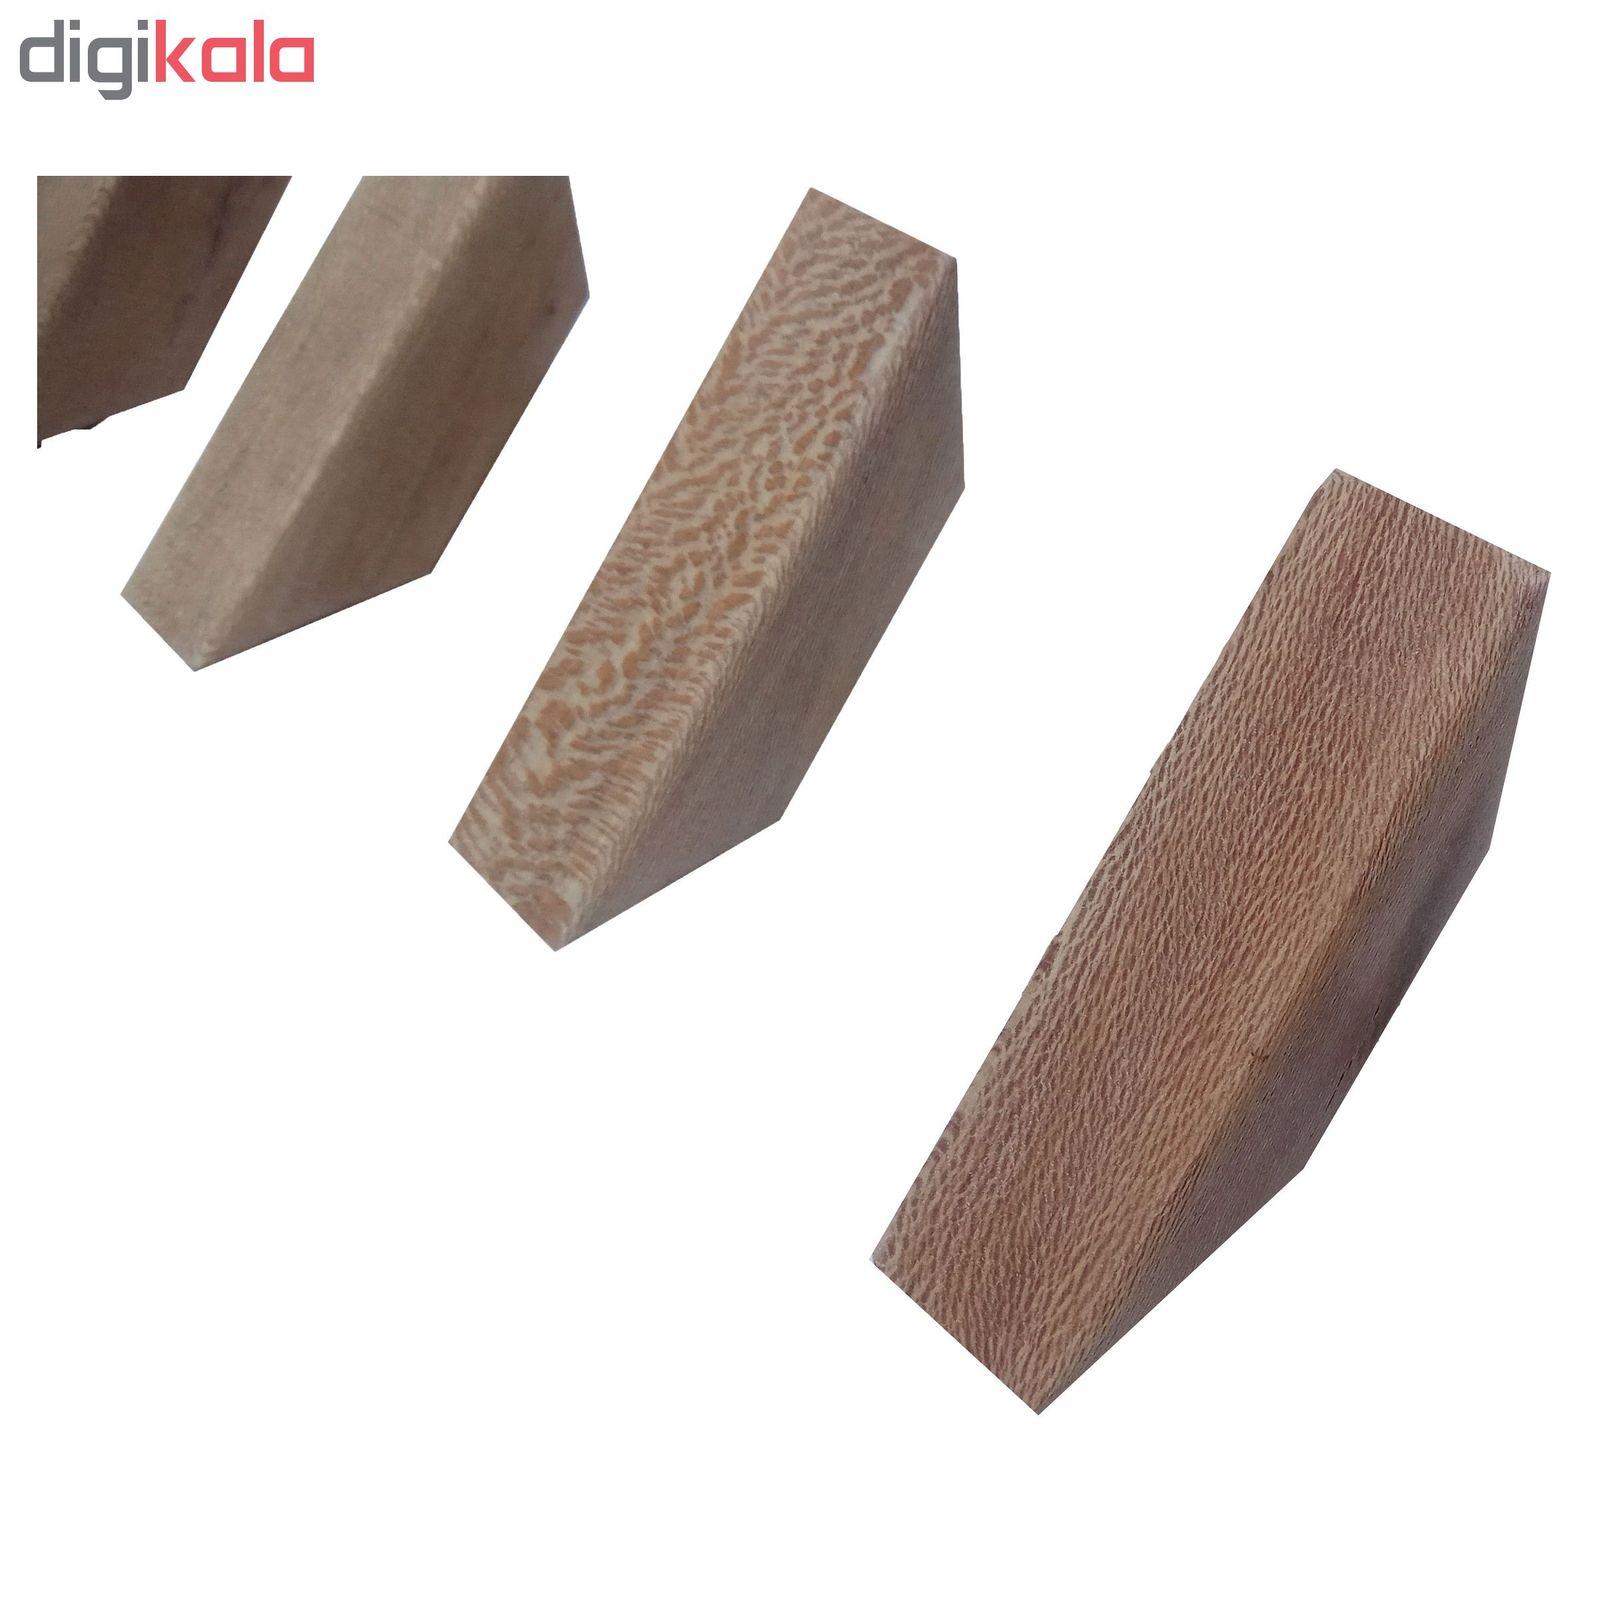 قلاب آویز لباس رخت اویز چوبی چوبیس کد ۷۰۲ بسته ۶ عددی main 1 1